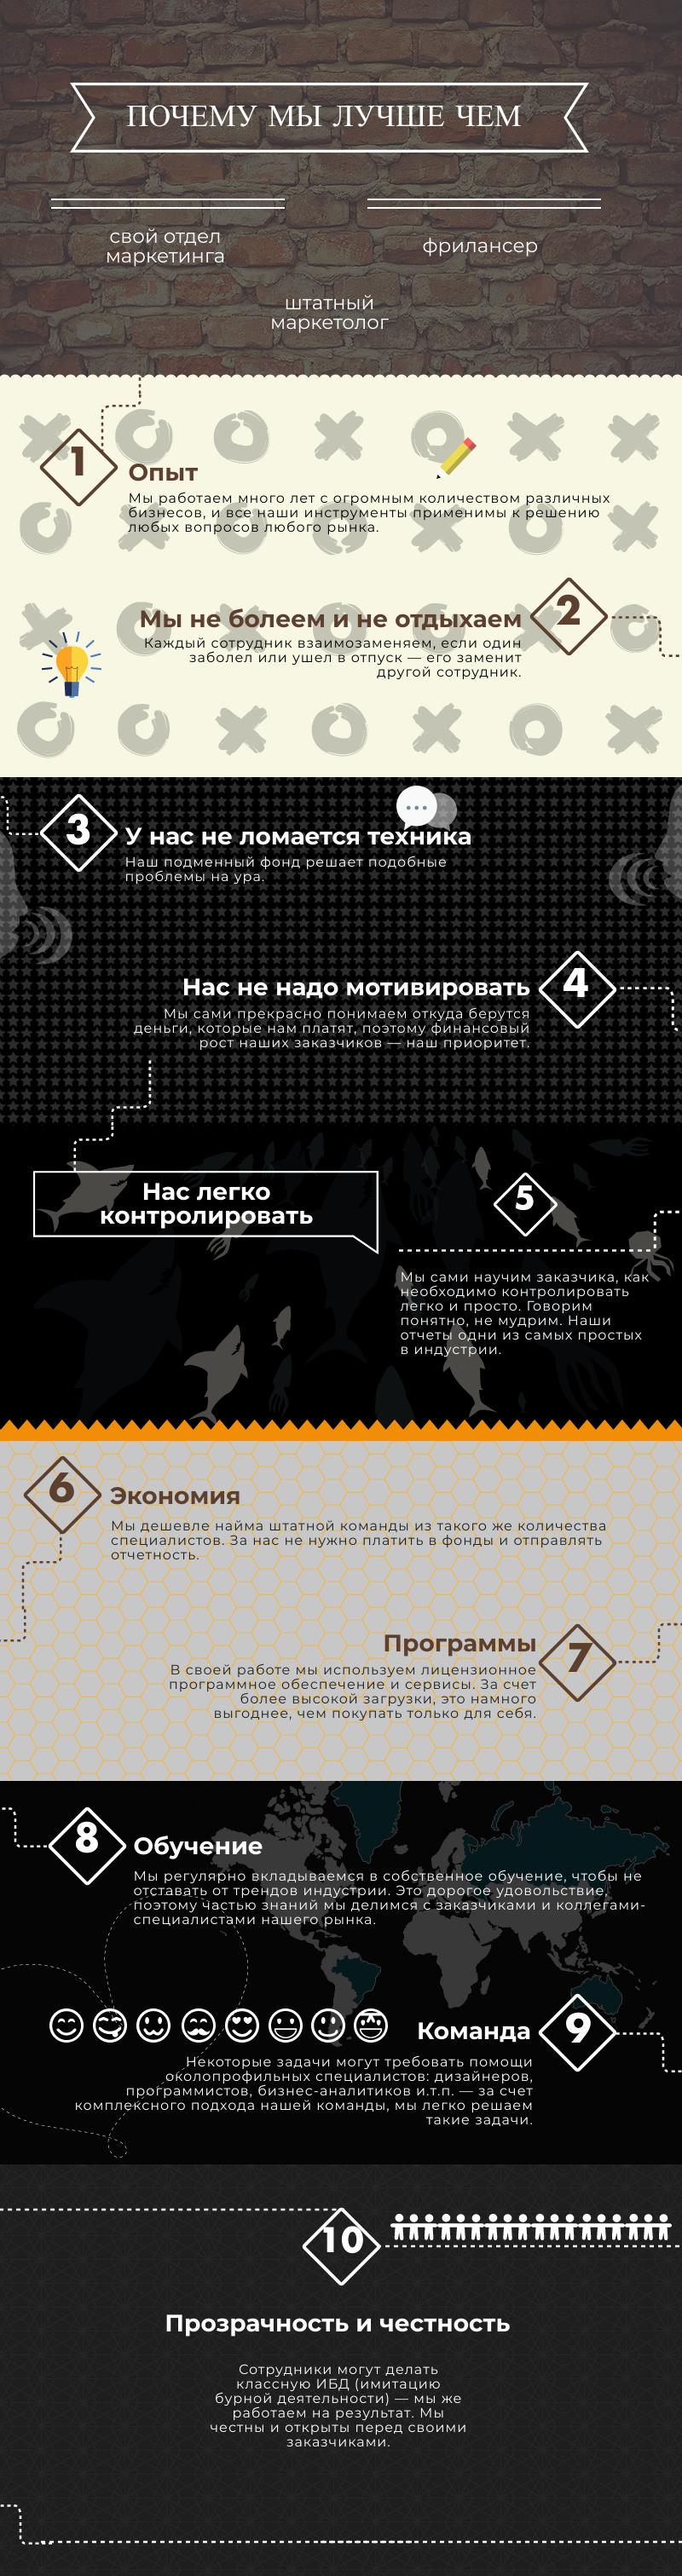 комплексный маркетинг в Москве веб студия Папин Сайт